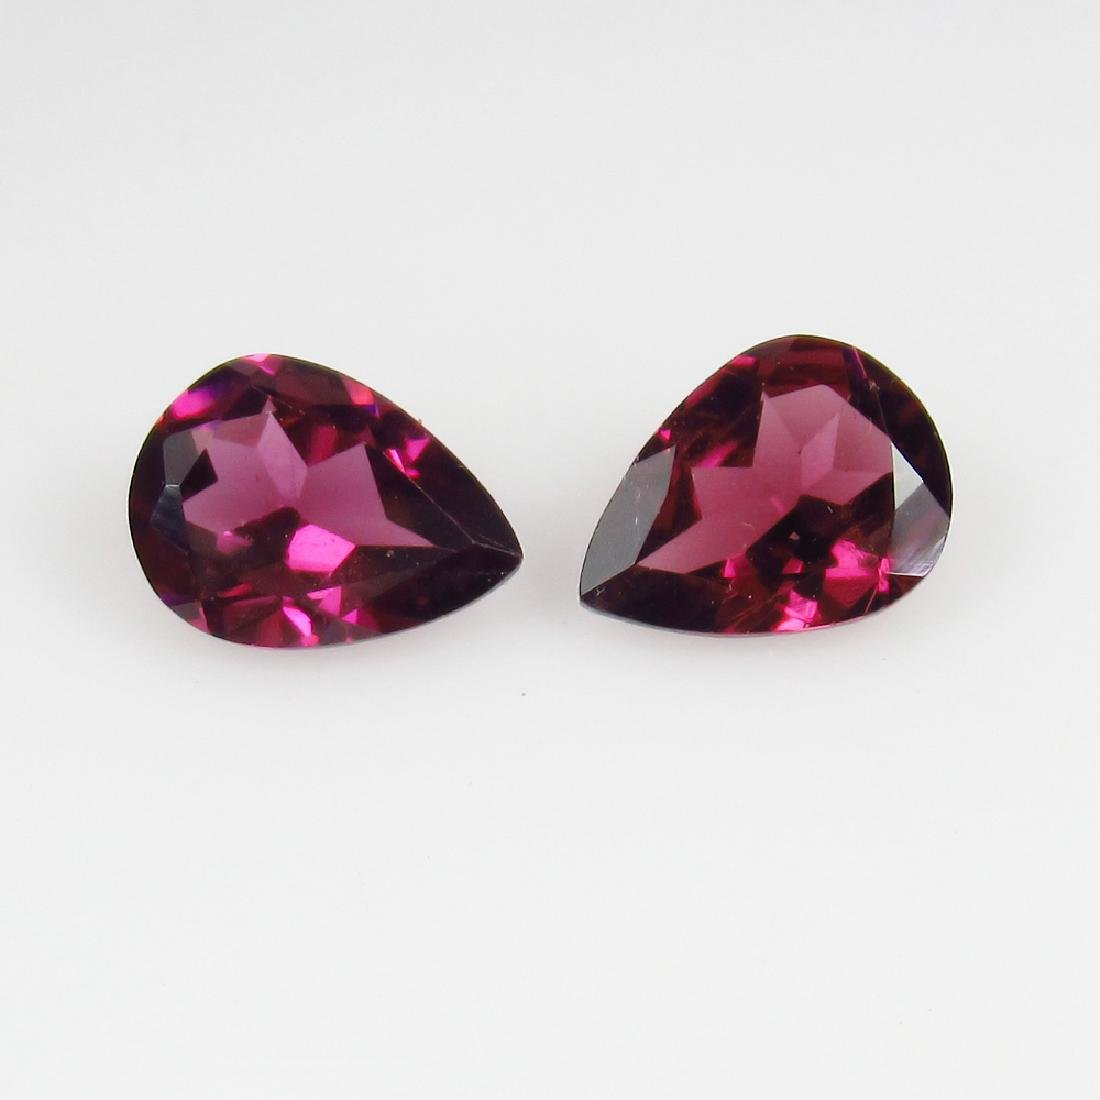 2.29 Ct Genuine Loose Pink Rhodolite Garnet Pear Pair